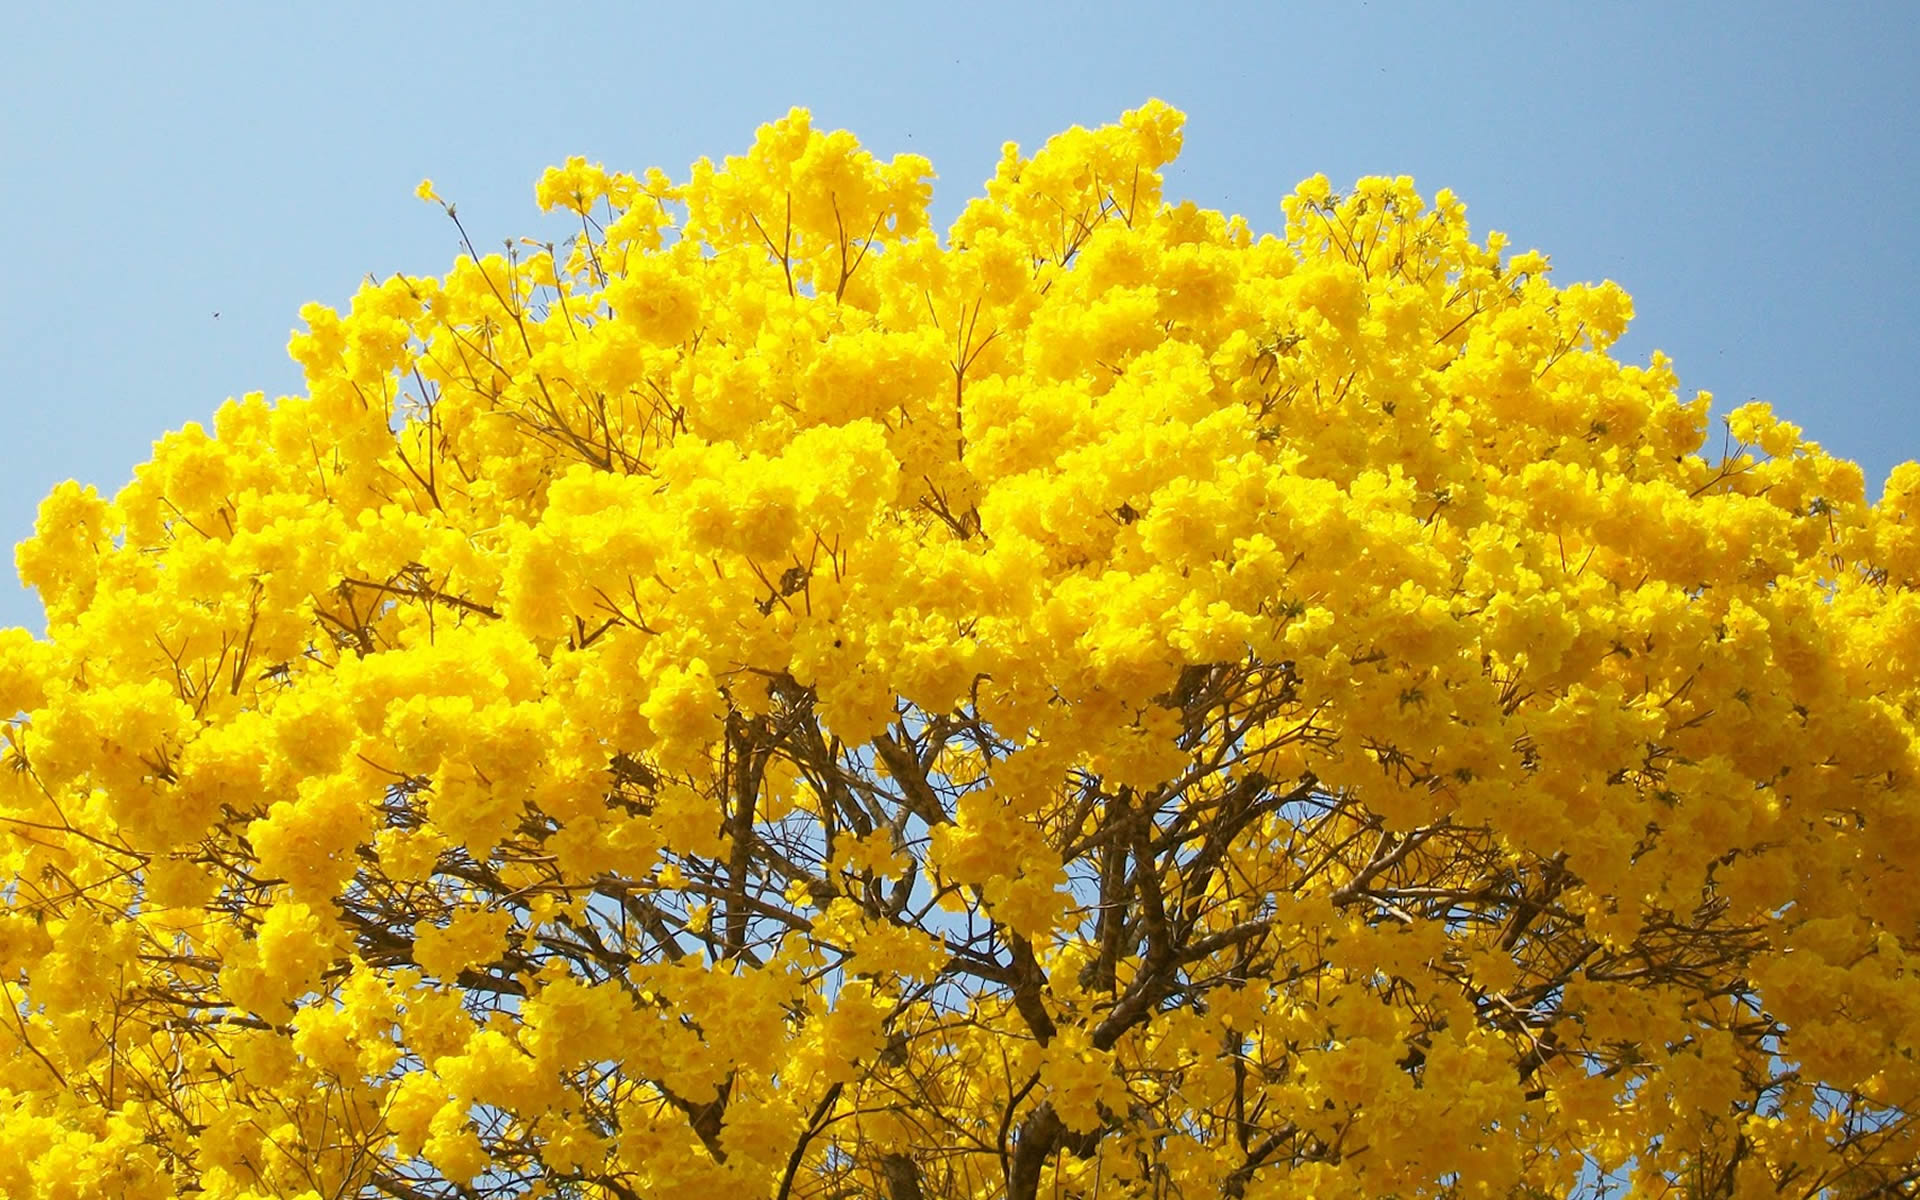 Plantas Em Extinção: Conheça as Principais no Brasil